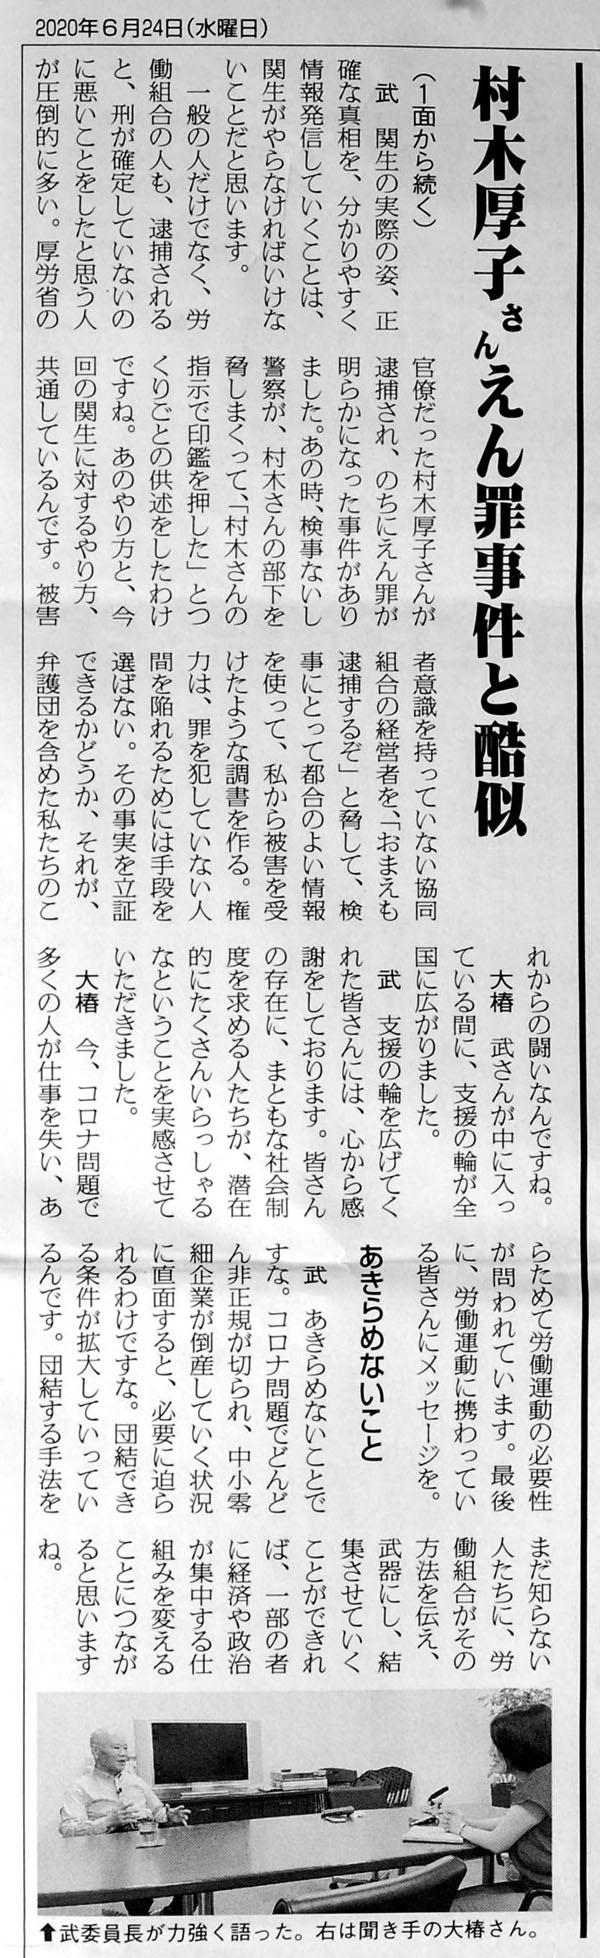 shakaishinpo200624p2w600.jpg